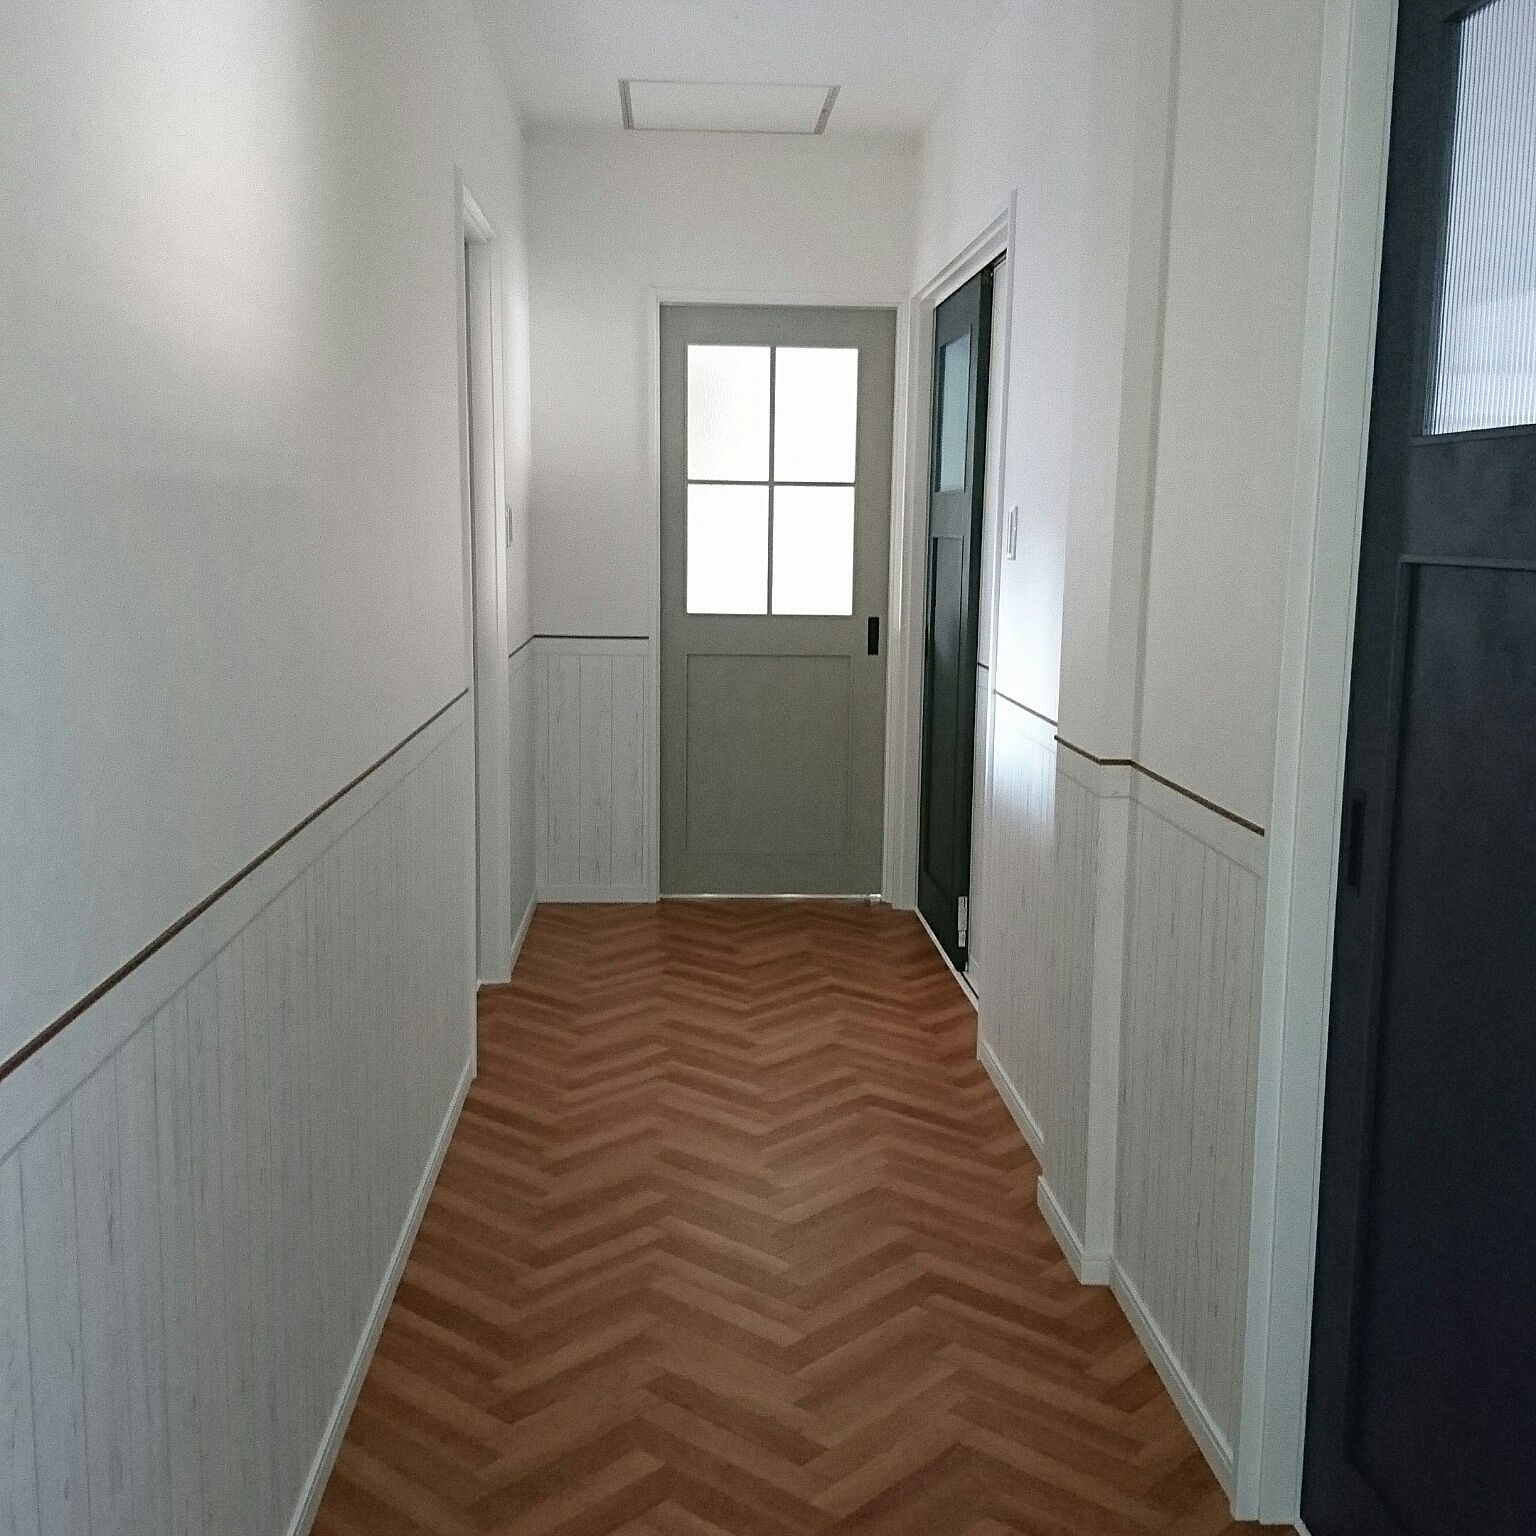 壁 天井 二階の廊下 サンゲツ壁紙 サンゲツクッションフロア サンゲツ